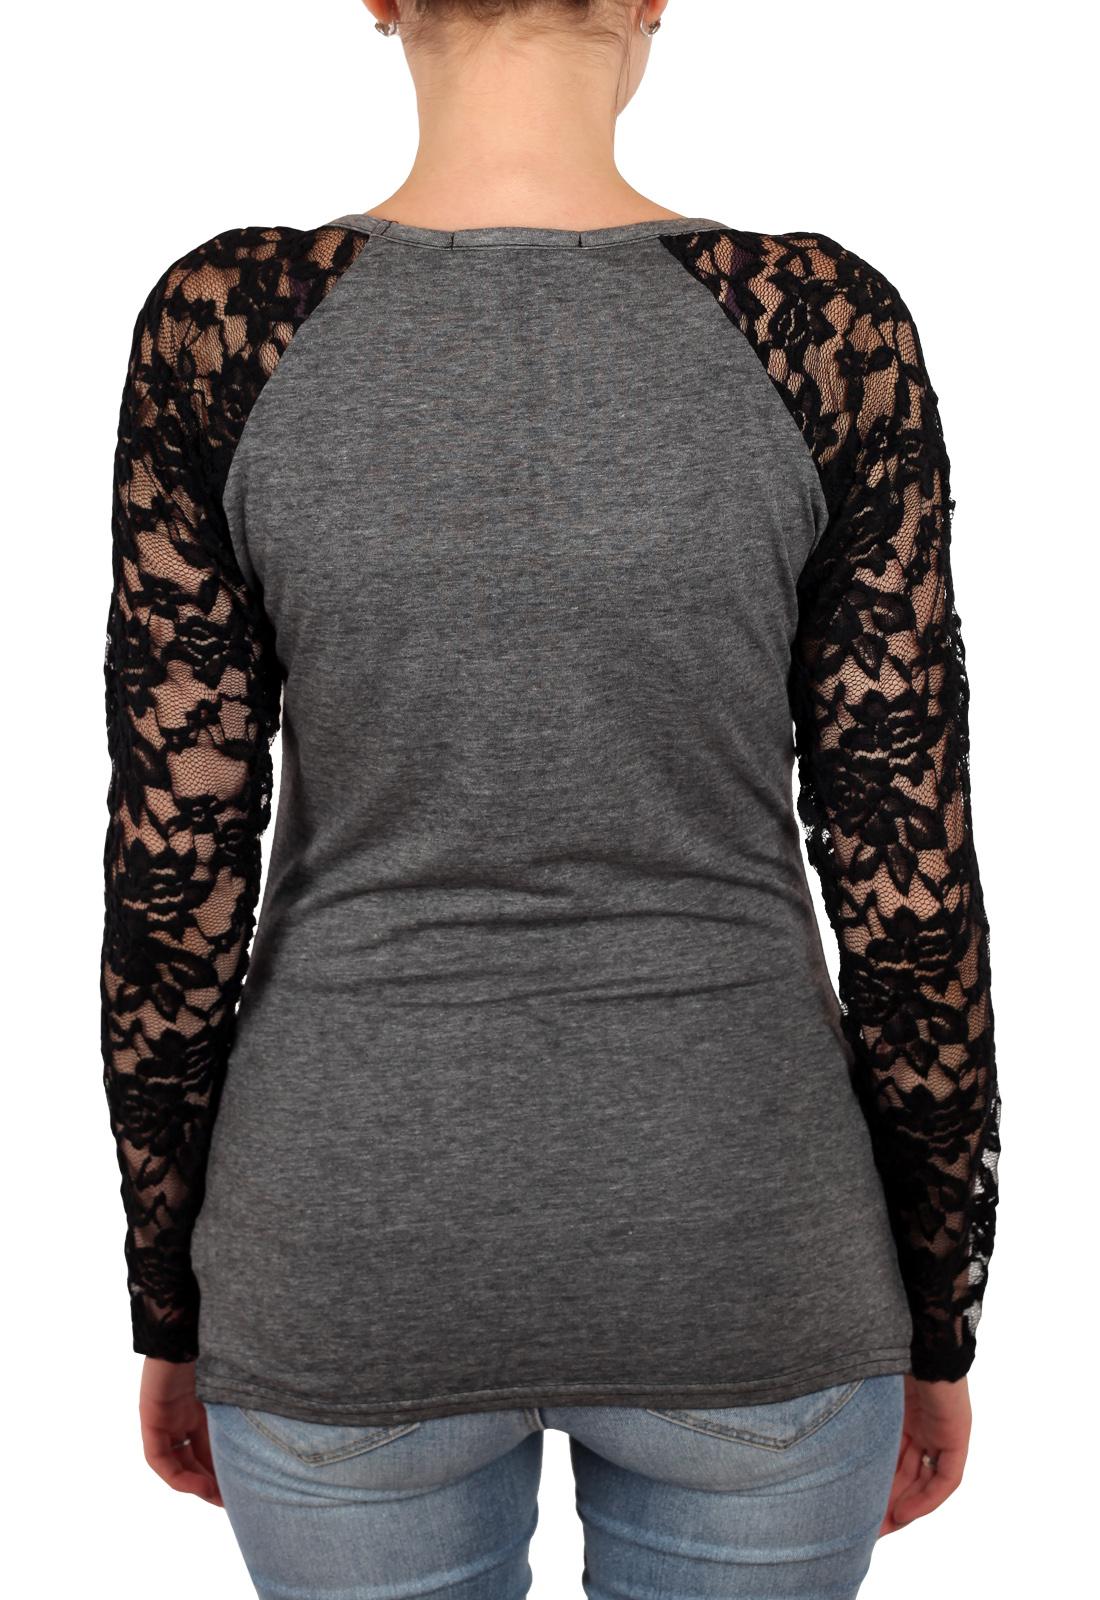 Женская кофточка с ажурными рукавами, этно принтом и пайетками. Элегантный casual от ТМ Rock and Roll Cowgirl